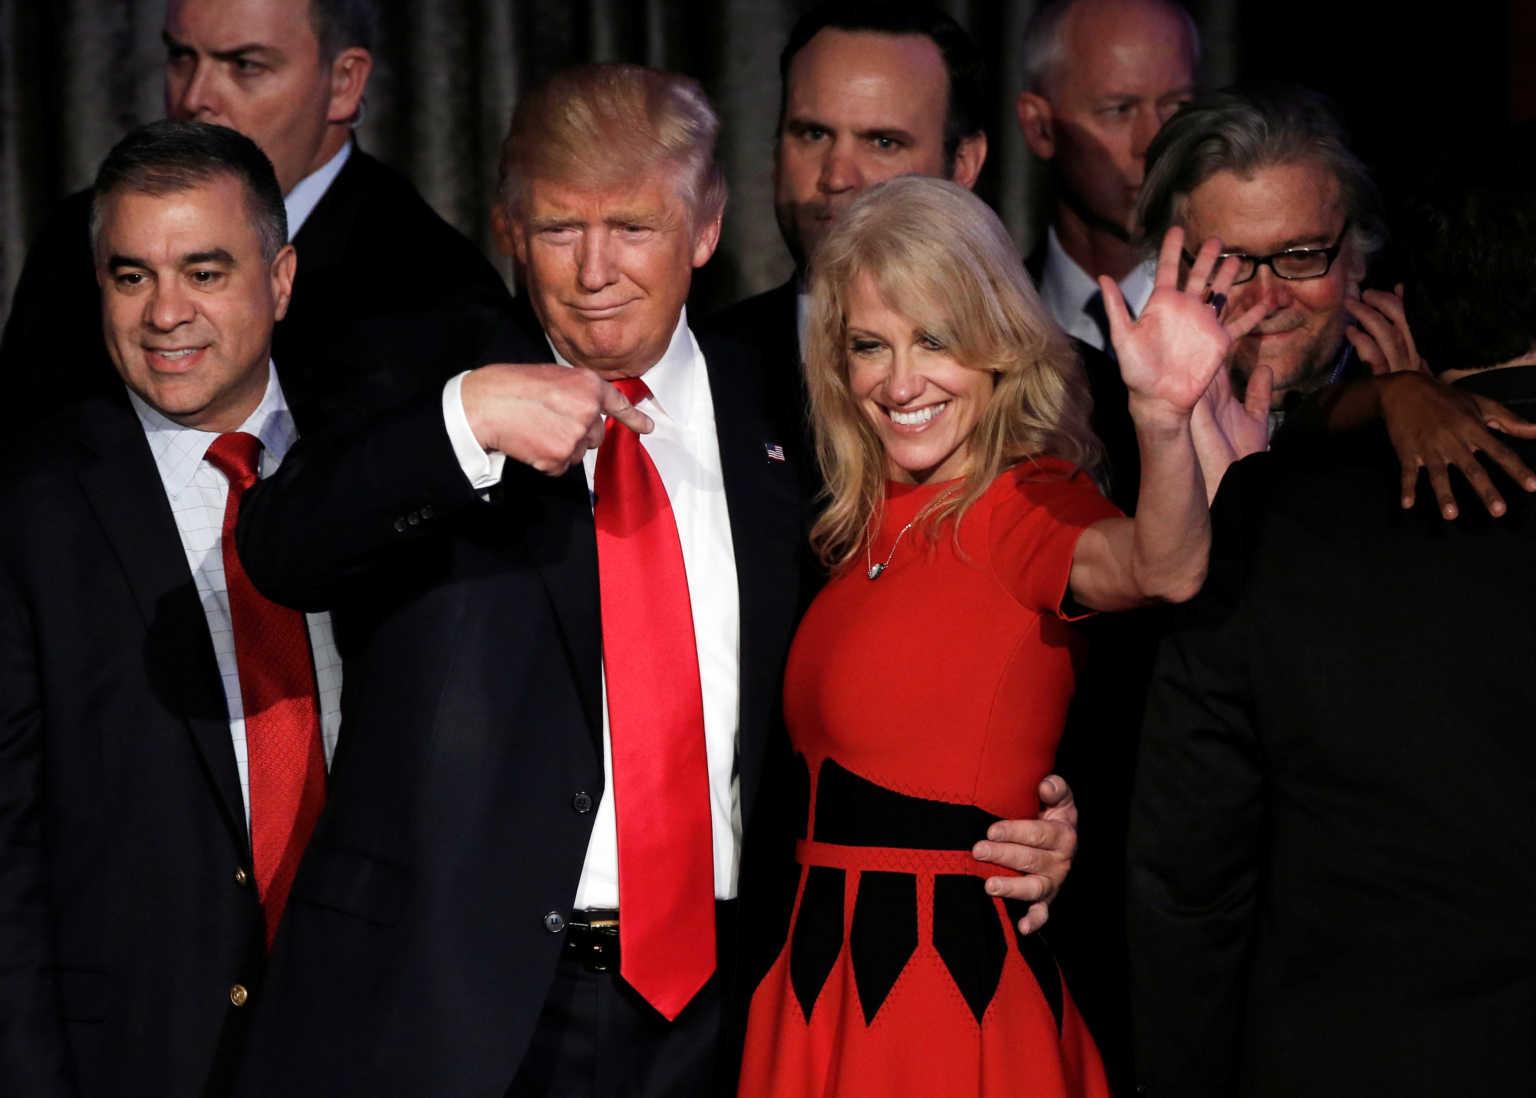 Η γυναίκα που έκανε Πρόεδρο τον Τραμπ, τον εγκαταλείπει την πιο κρίσιμη στιγμή